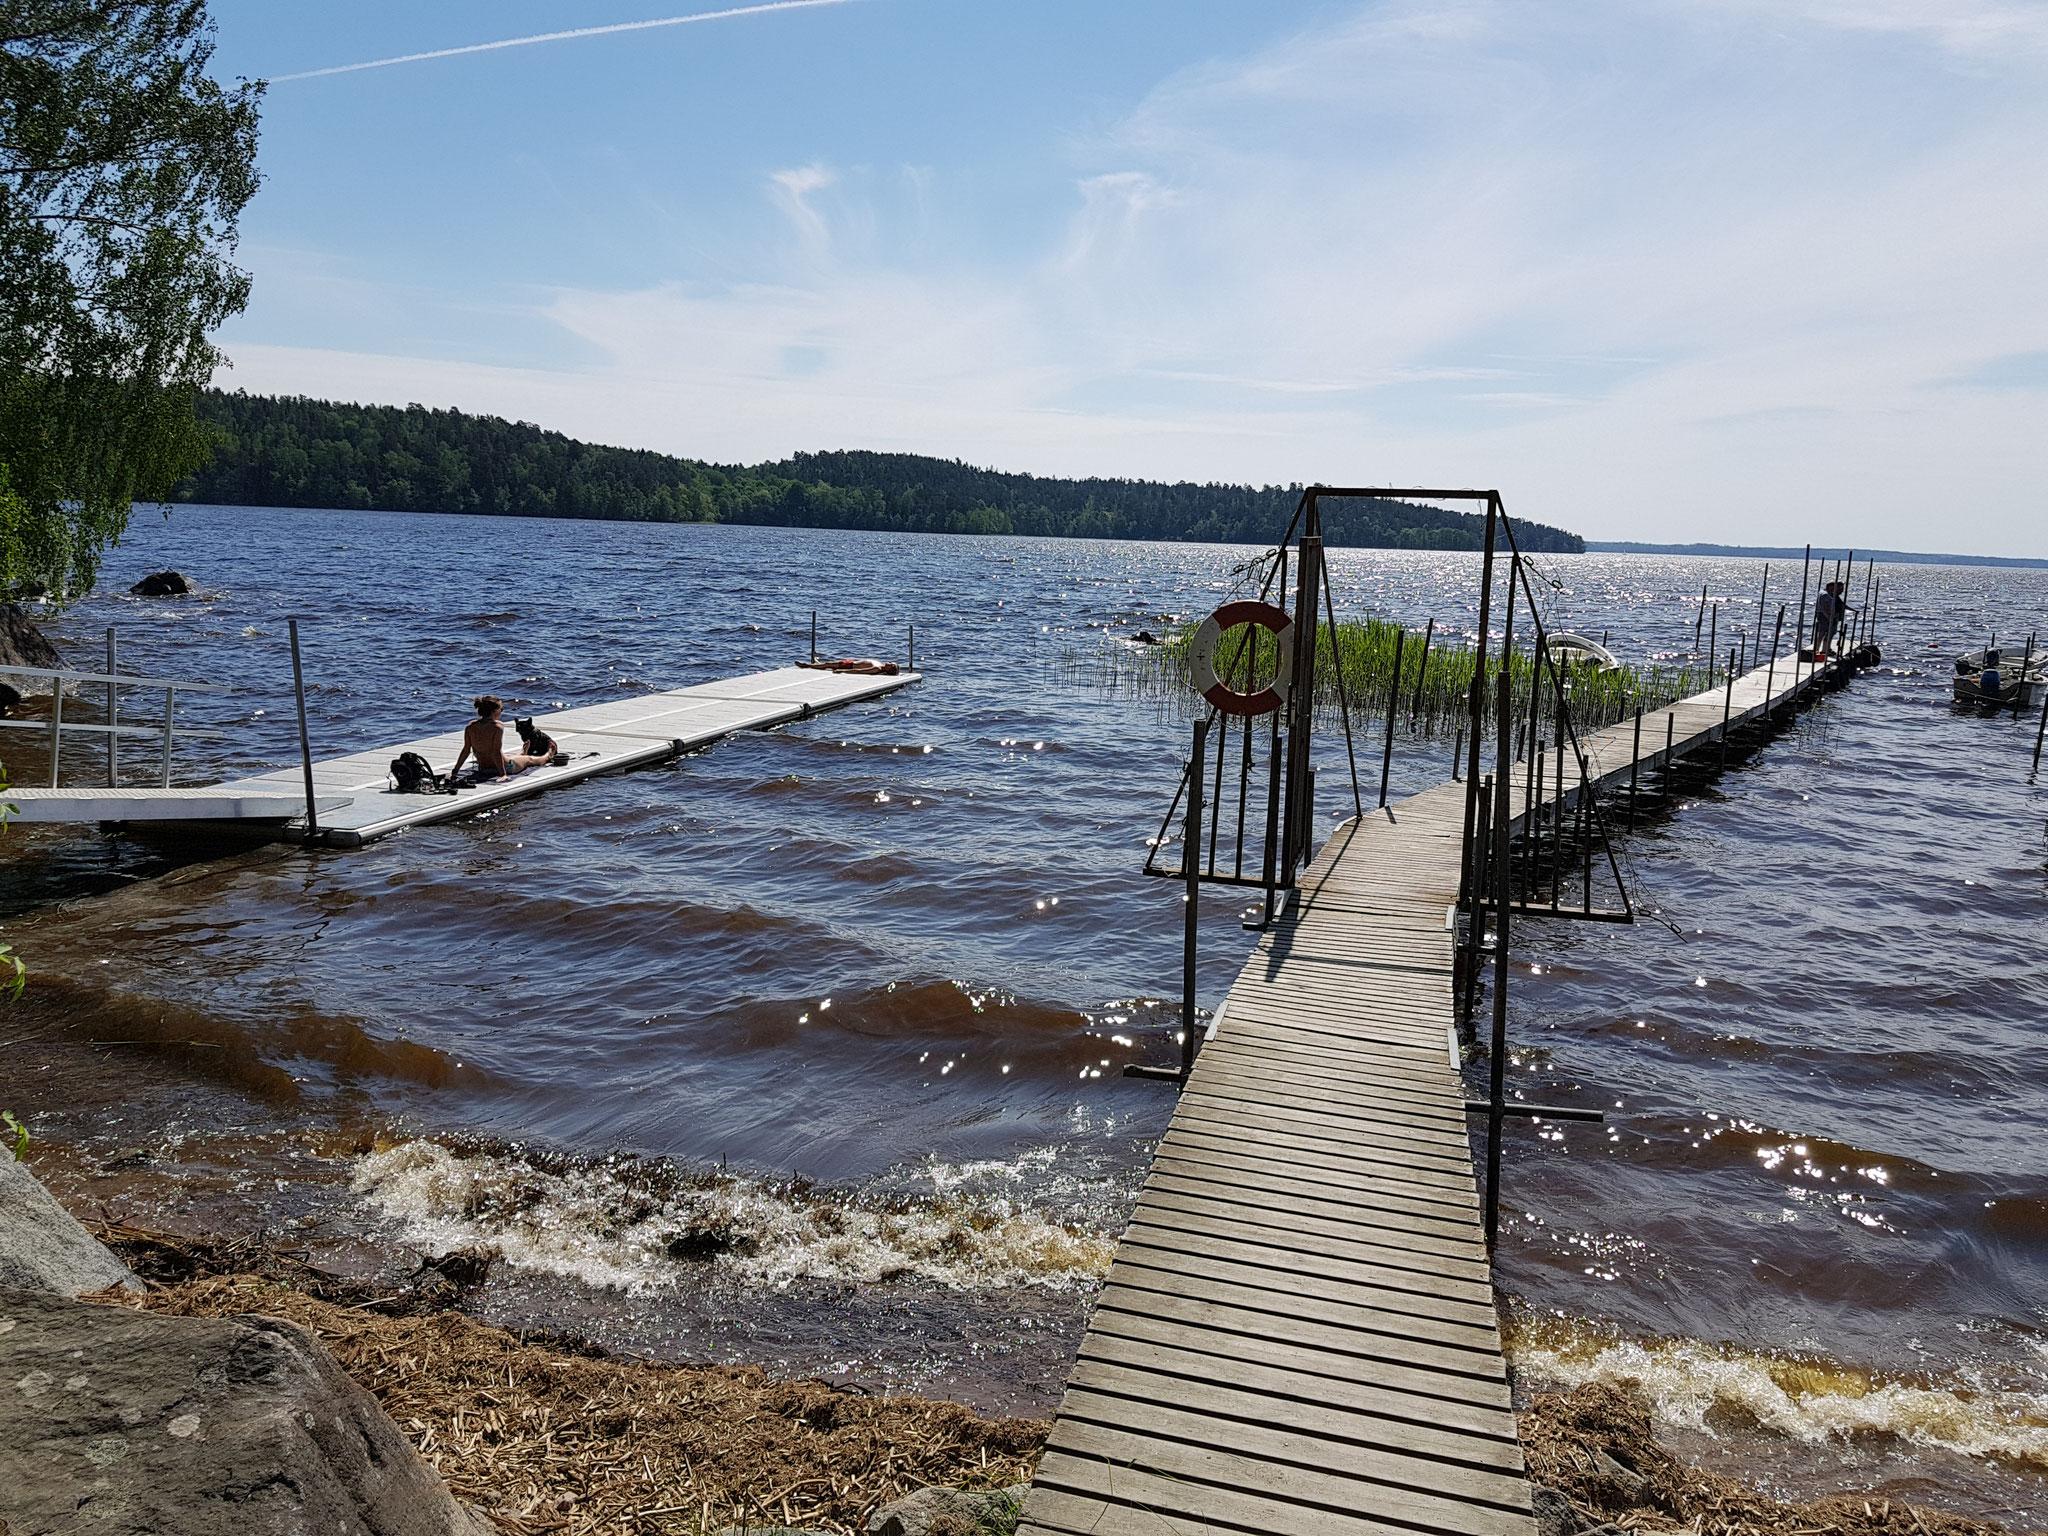 Die sommerlichen Temperaturen in Schweden laden zum baden ein